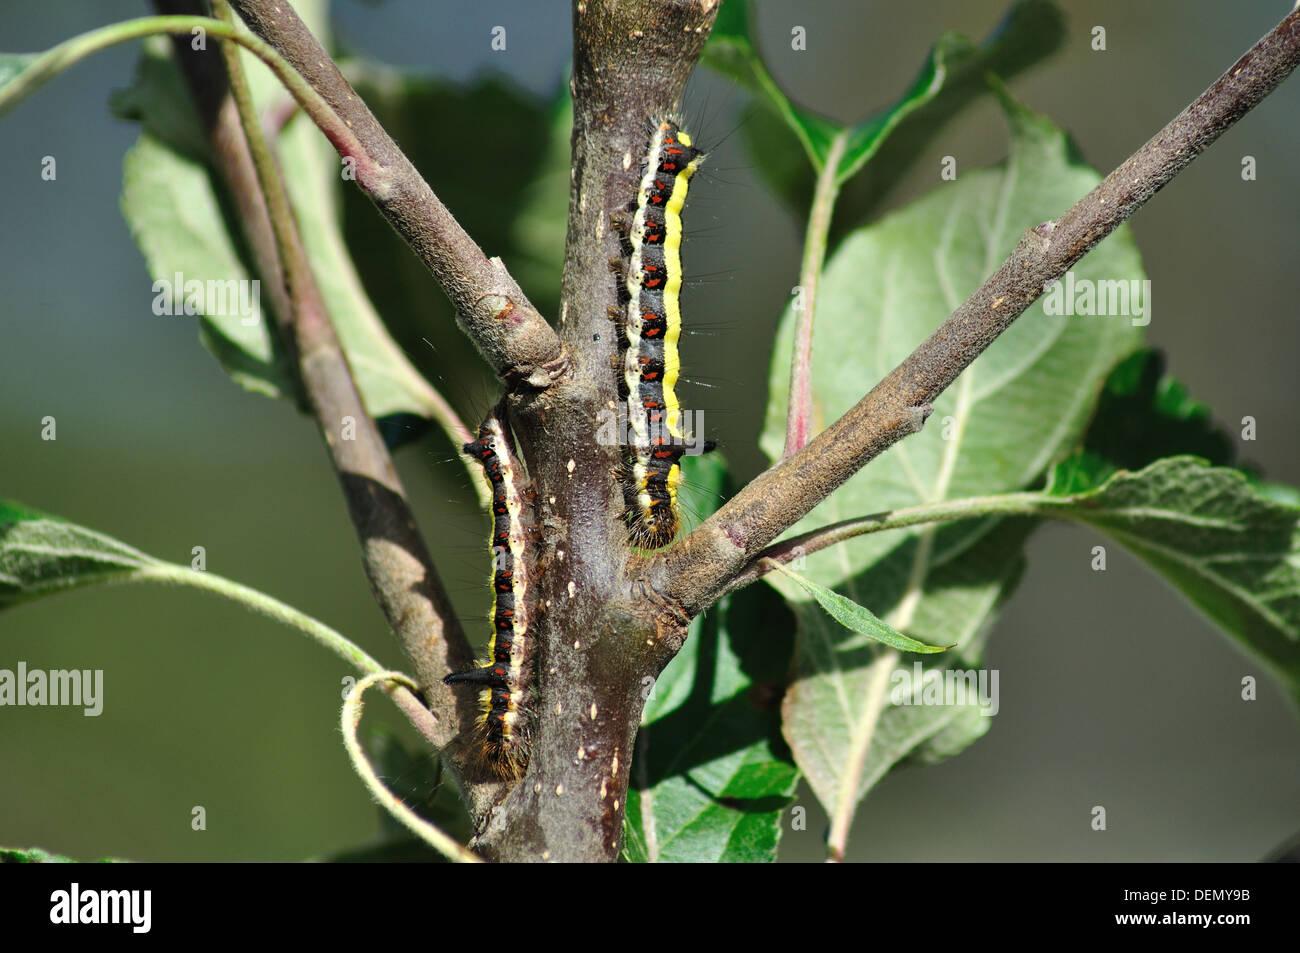 beautiful pests - Stock Image